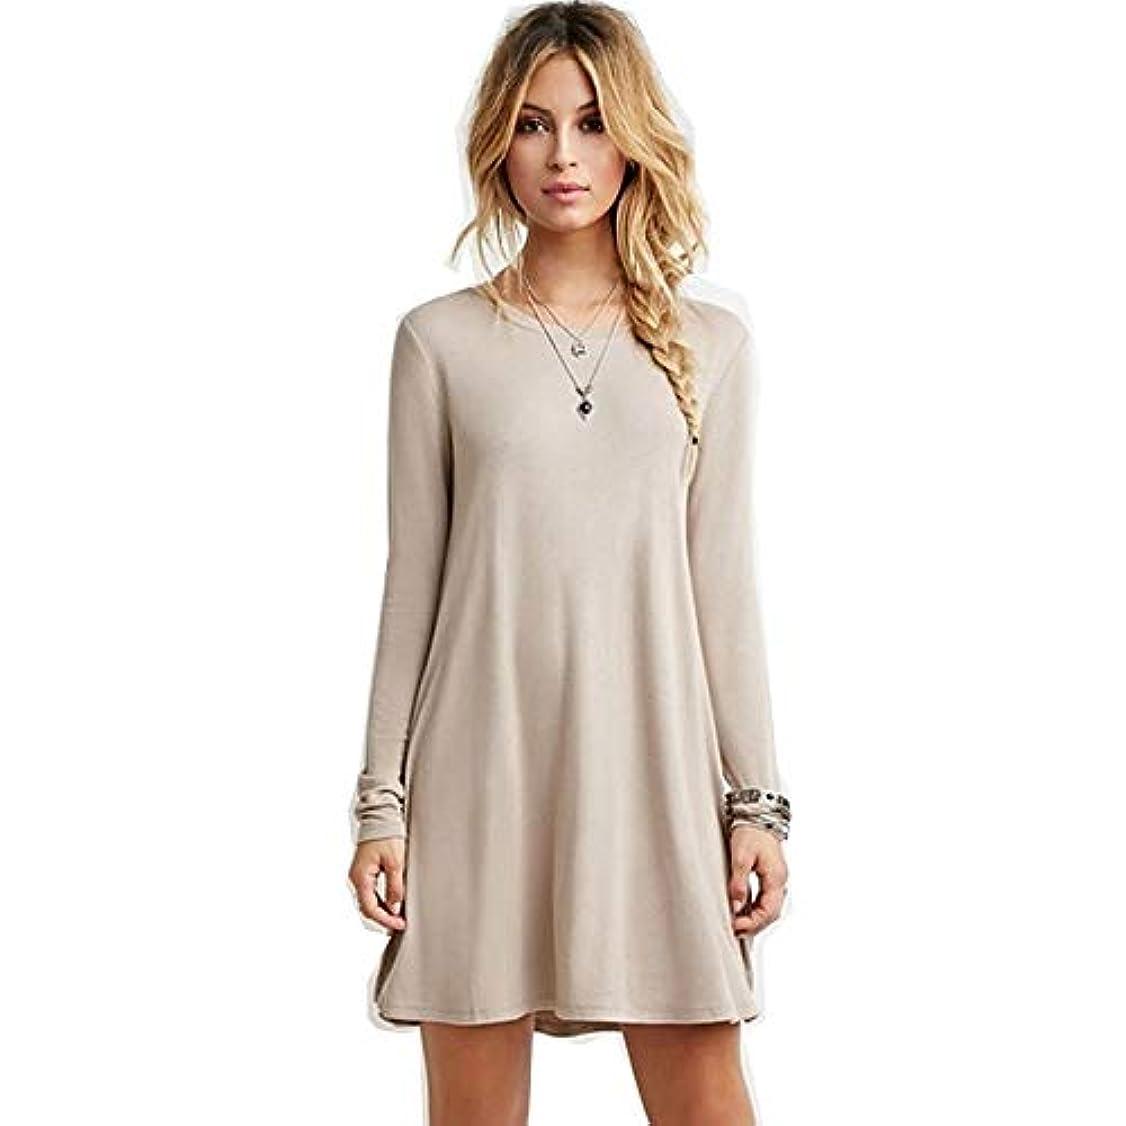 ビデオ花きしむMIFANルースドレス、プラスサイズのドレス、長袖のドレス、女性のドレス、秋のドレス、マキシドレス、コットンドレス